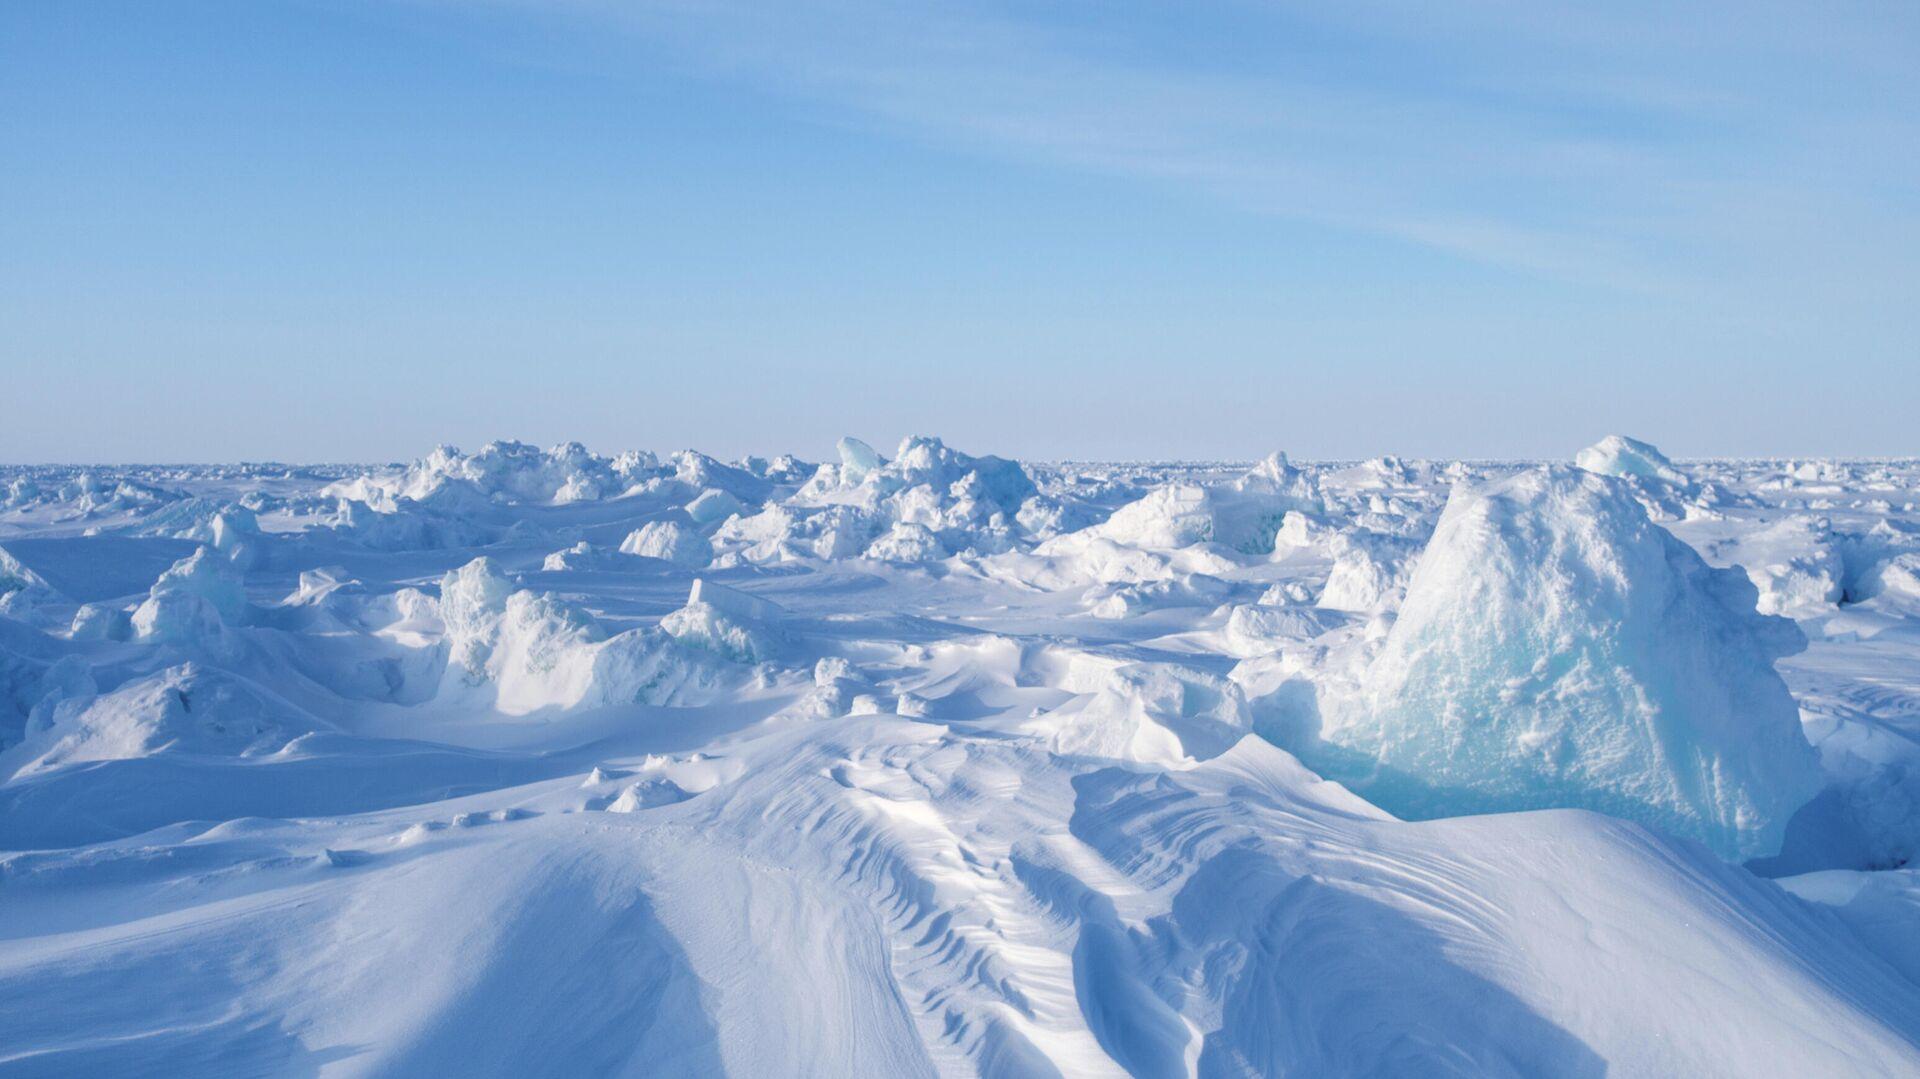 Дрейфующий ледовый лагерь Барнео в Арктике - РИА Новости, 1920, 24.10.2020